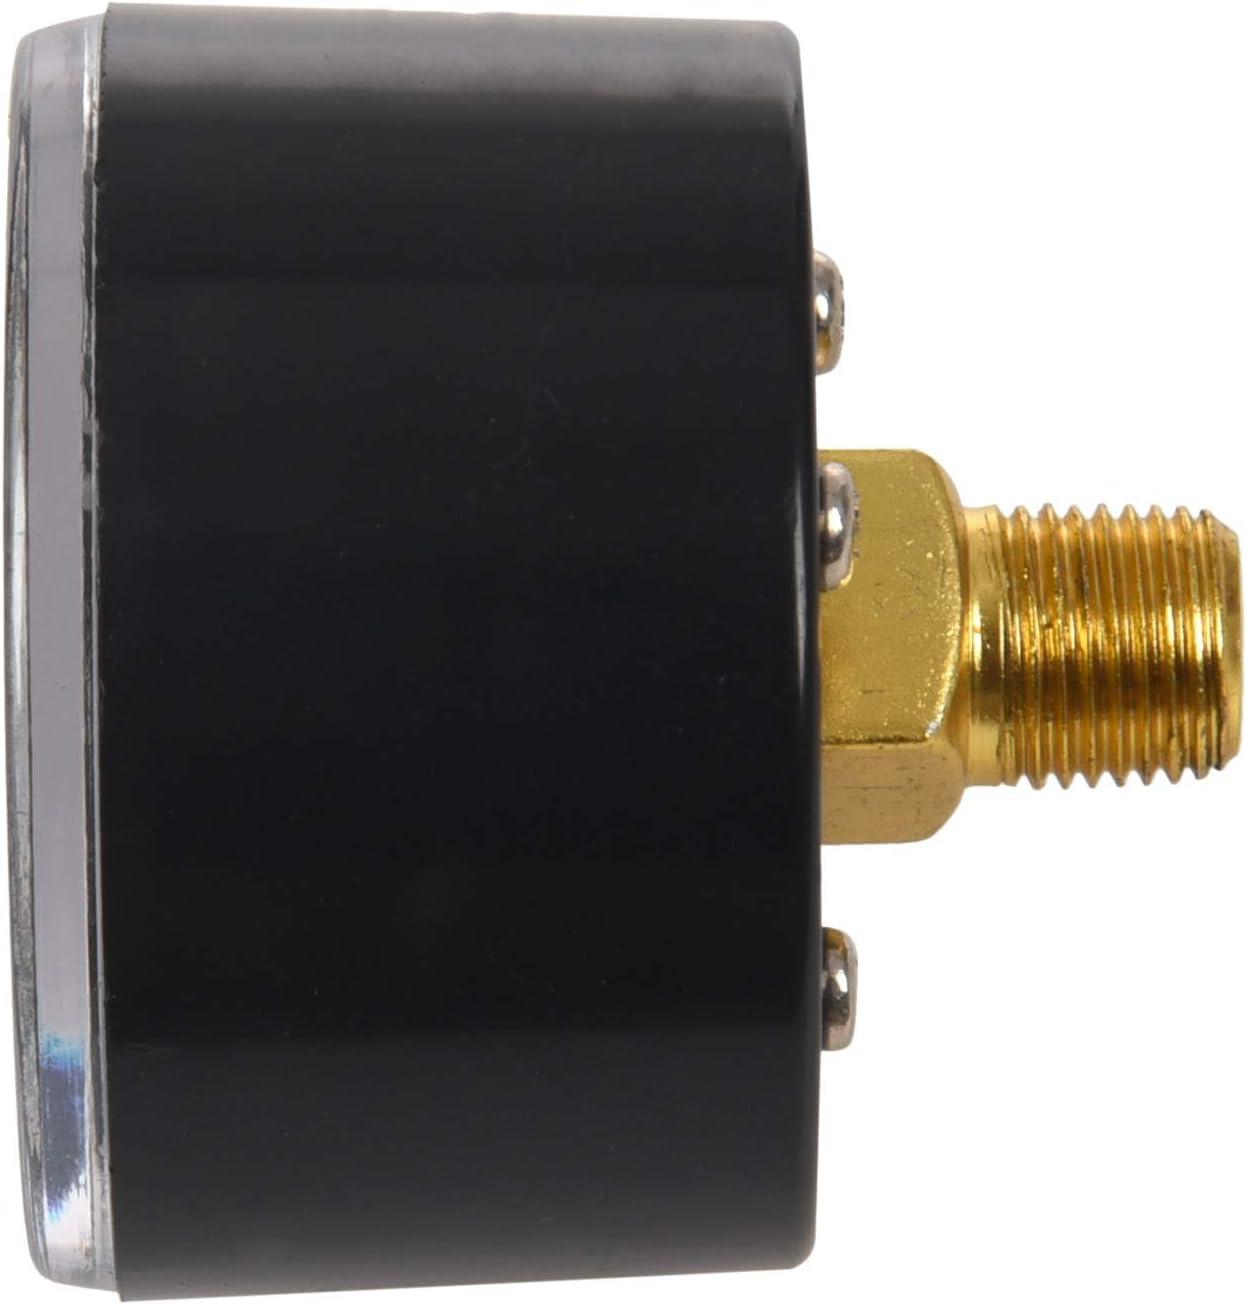 WOVELOT 1//8ZG Manom/ètre de pression pour compresseur dair 1//8ZG 0-180PSI 1-11BAR Transparent//noir